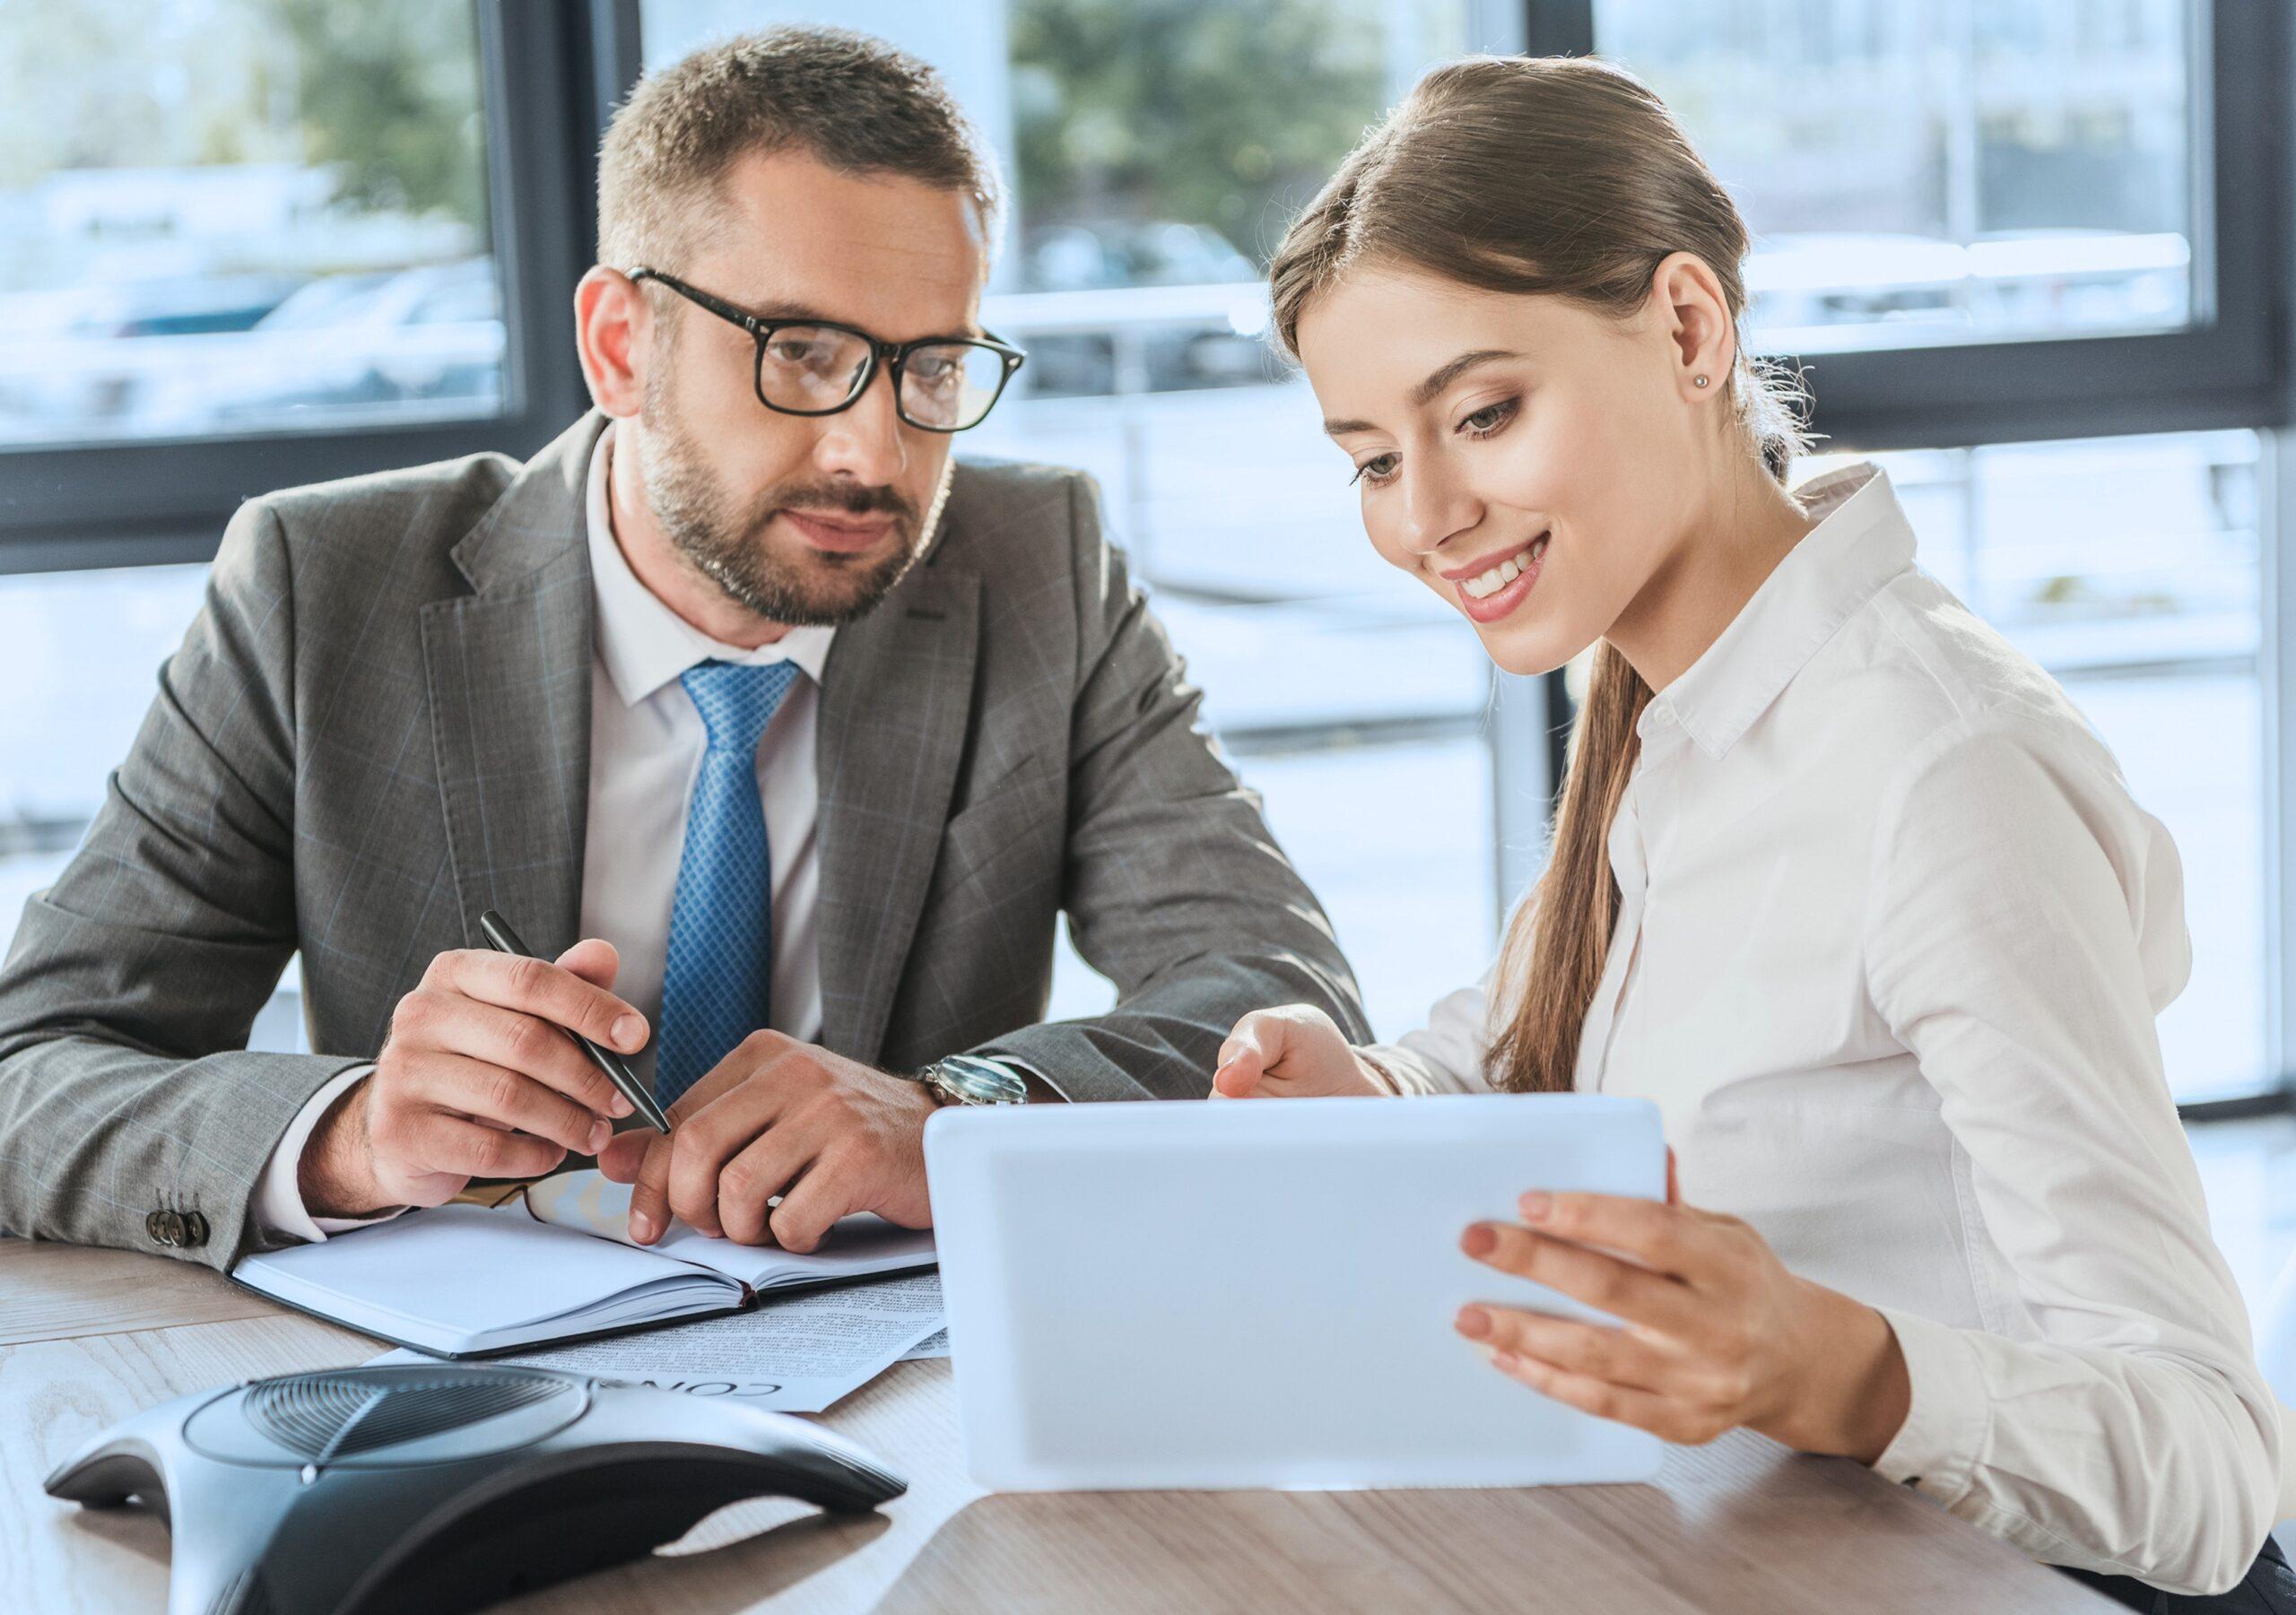 Finanzprodukte Verkaufen Startseite, Mehr Umsatz als Finanzberater